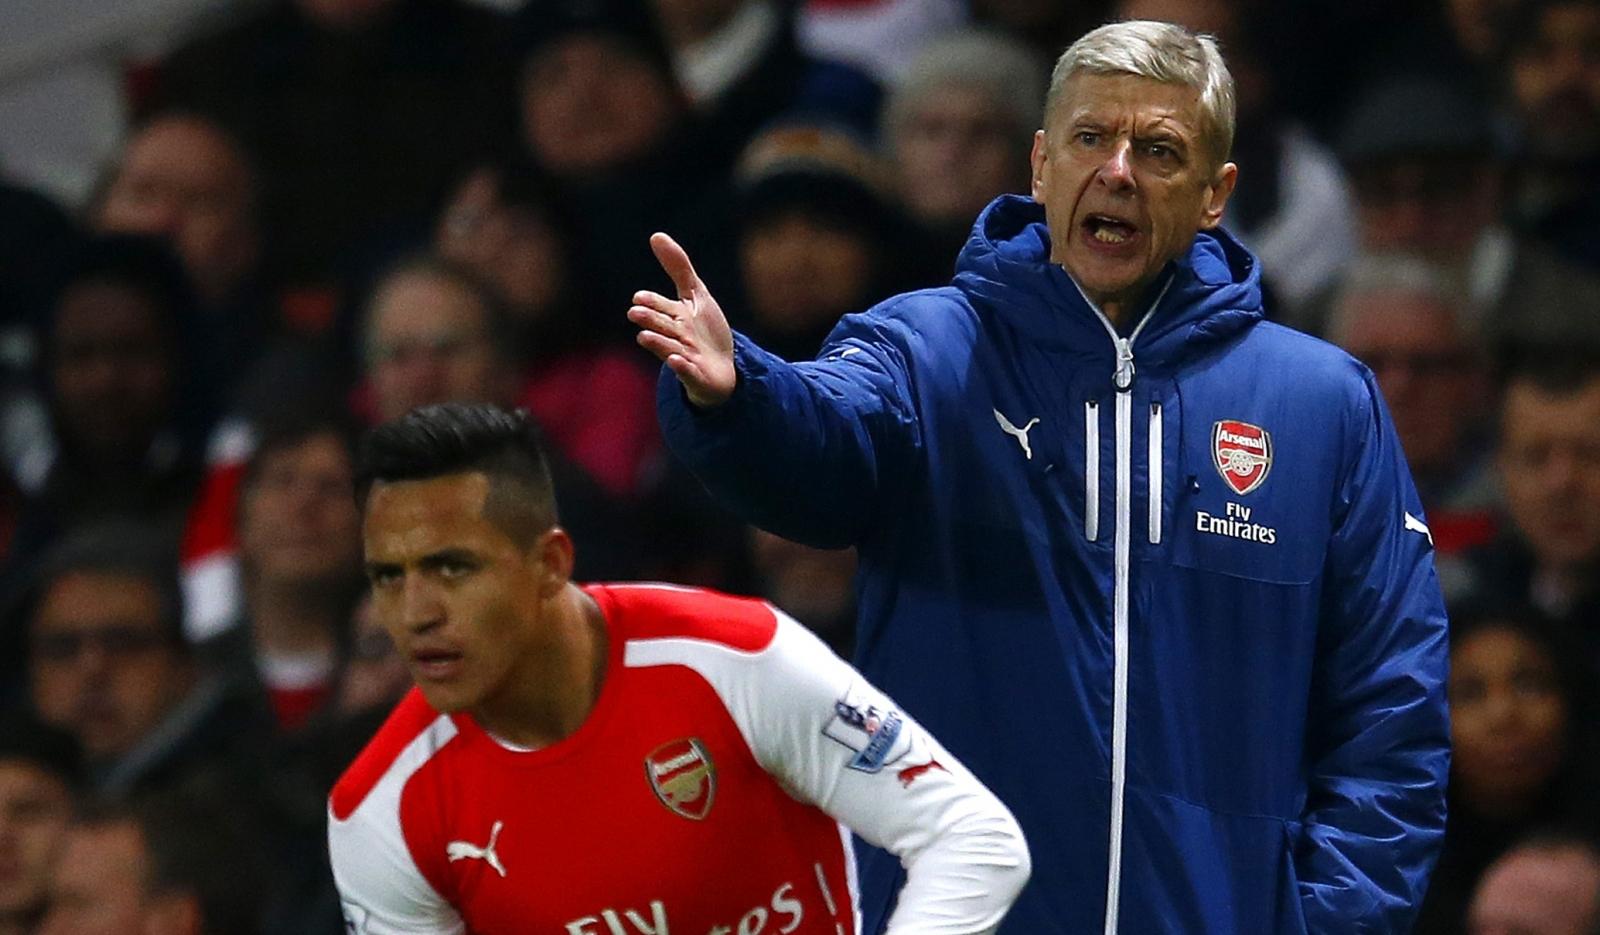 Tới lúc này, Wenger vẫn chưa hiểu tại sao Sanchez muốn đi - Bóng Đá